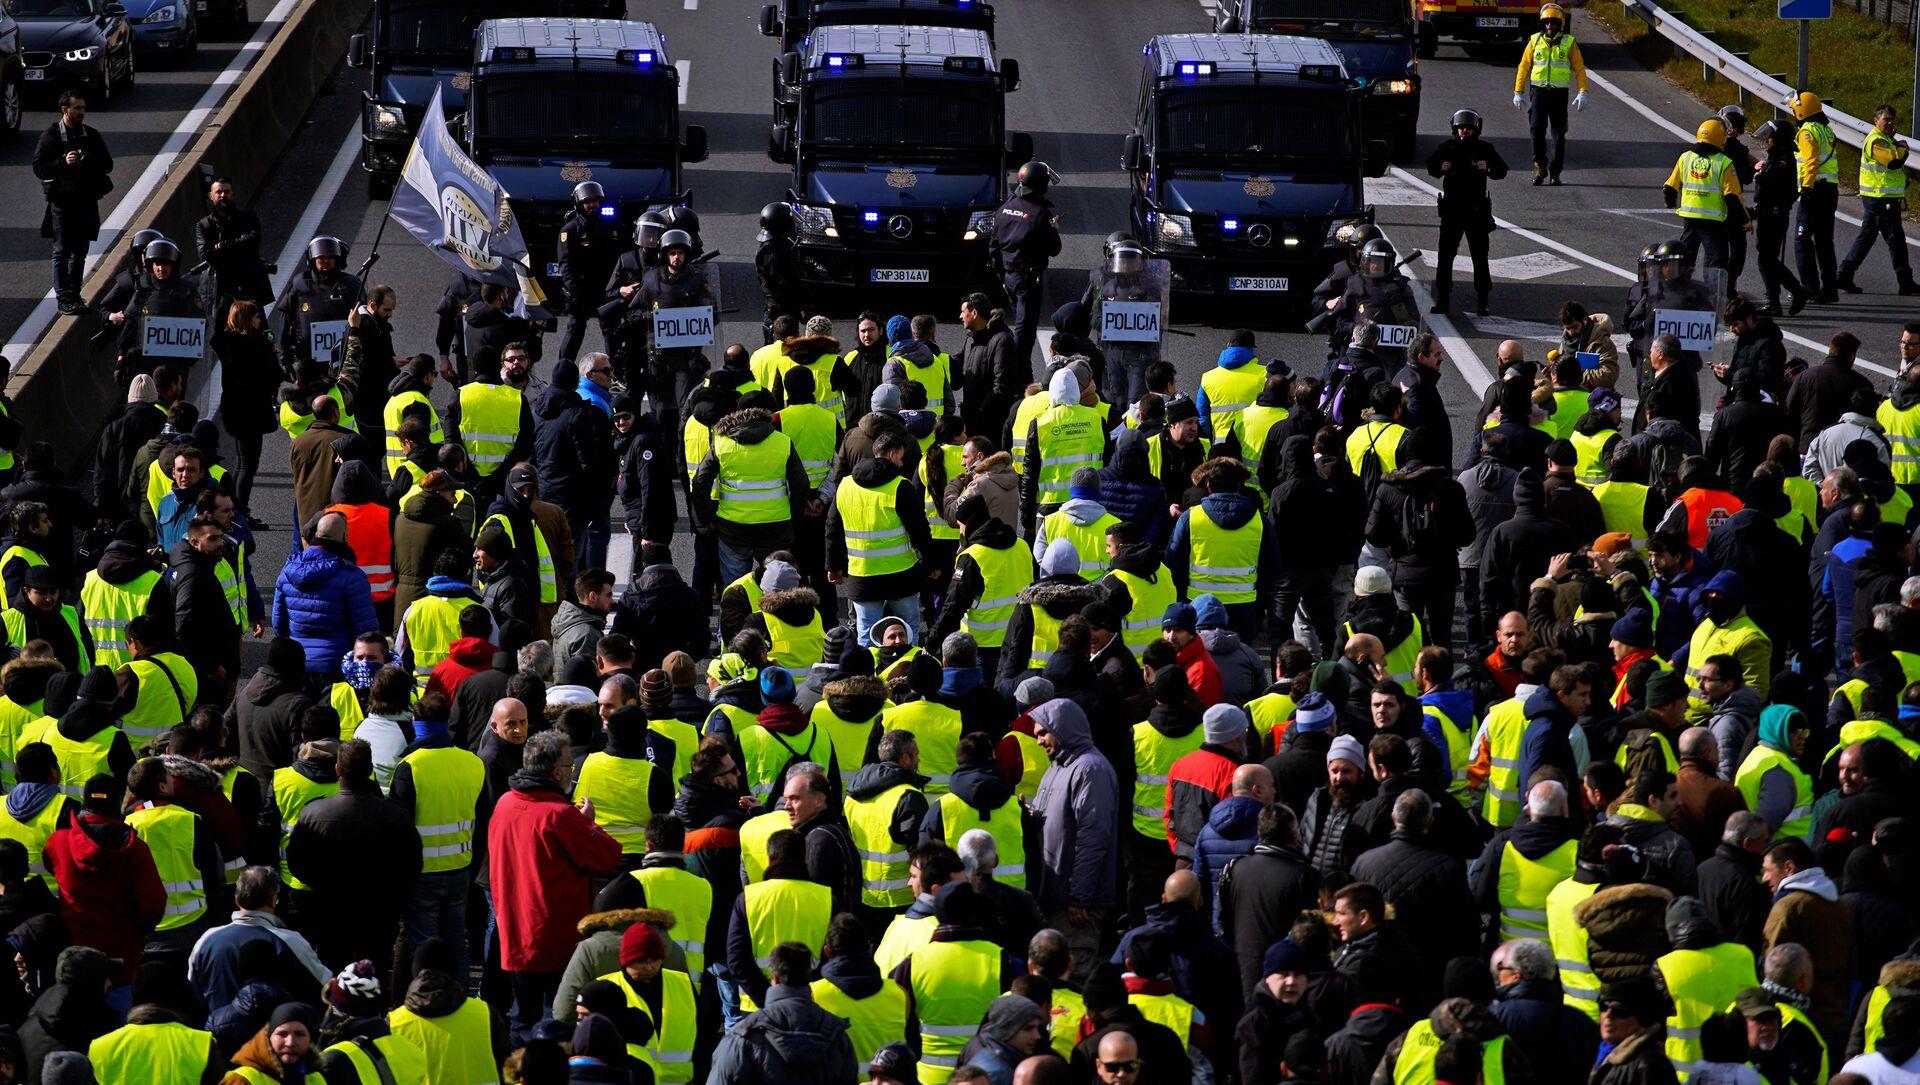 Manifestación de los taxistas españoles en Madrid, España - Sputnik Mundo, 1920, 22.01.2019